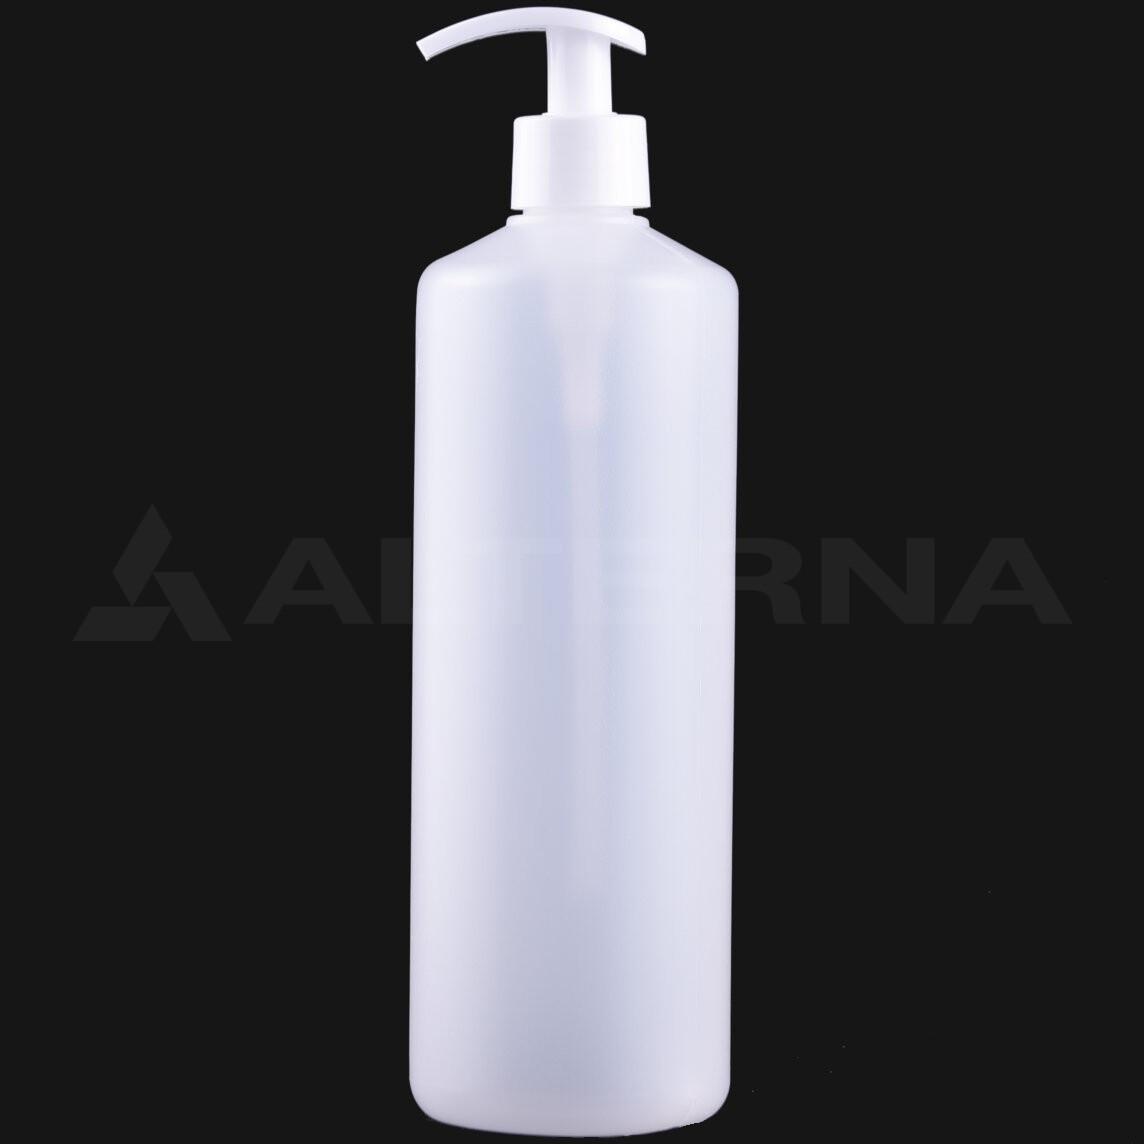 750 ml HDPE Bottle with 28 mm Dispenser Pump